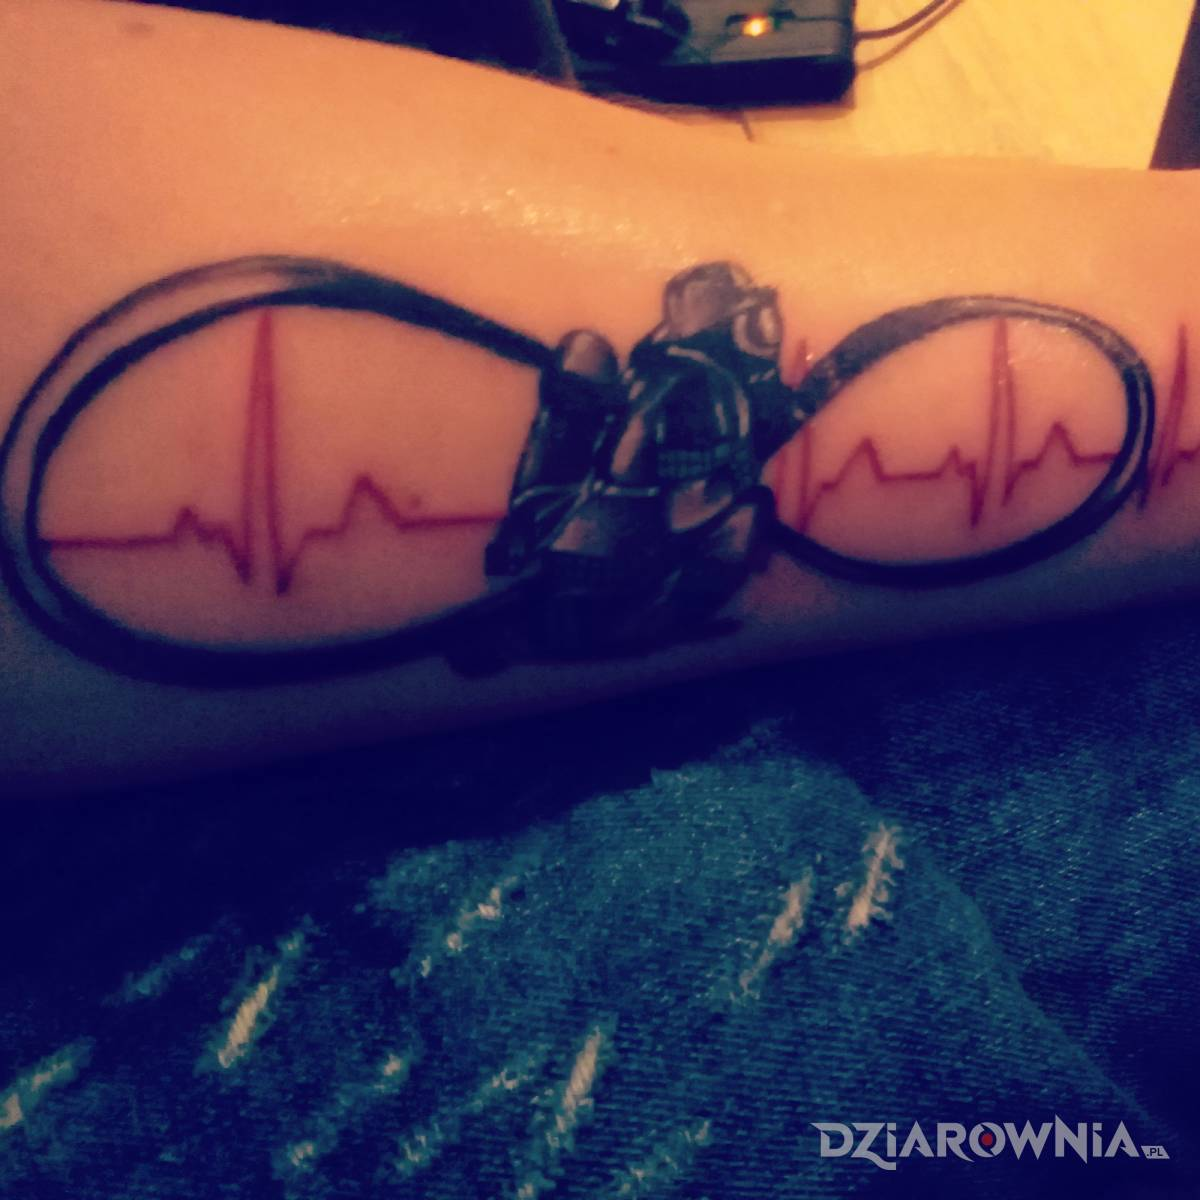 Tatuaze Strazak Wzory I Galeria Dziarownia Pl